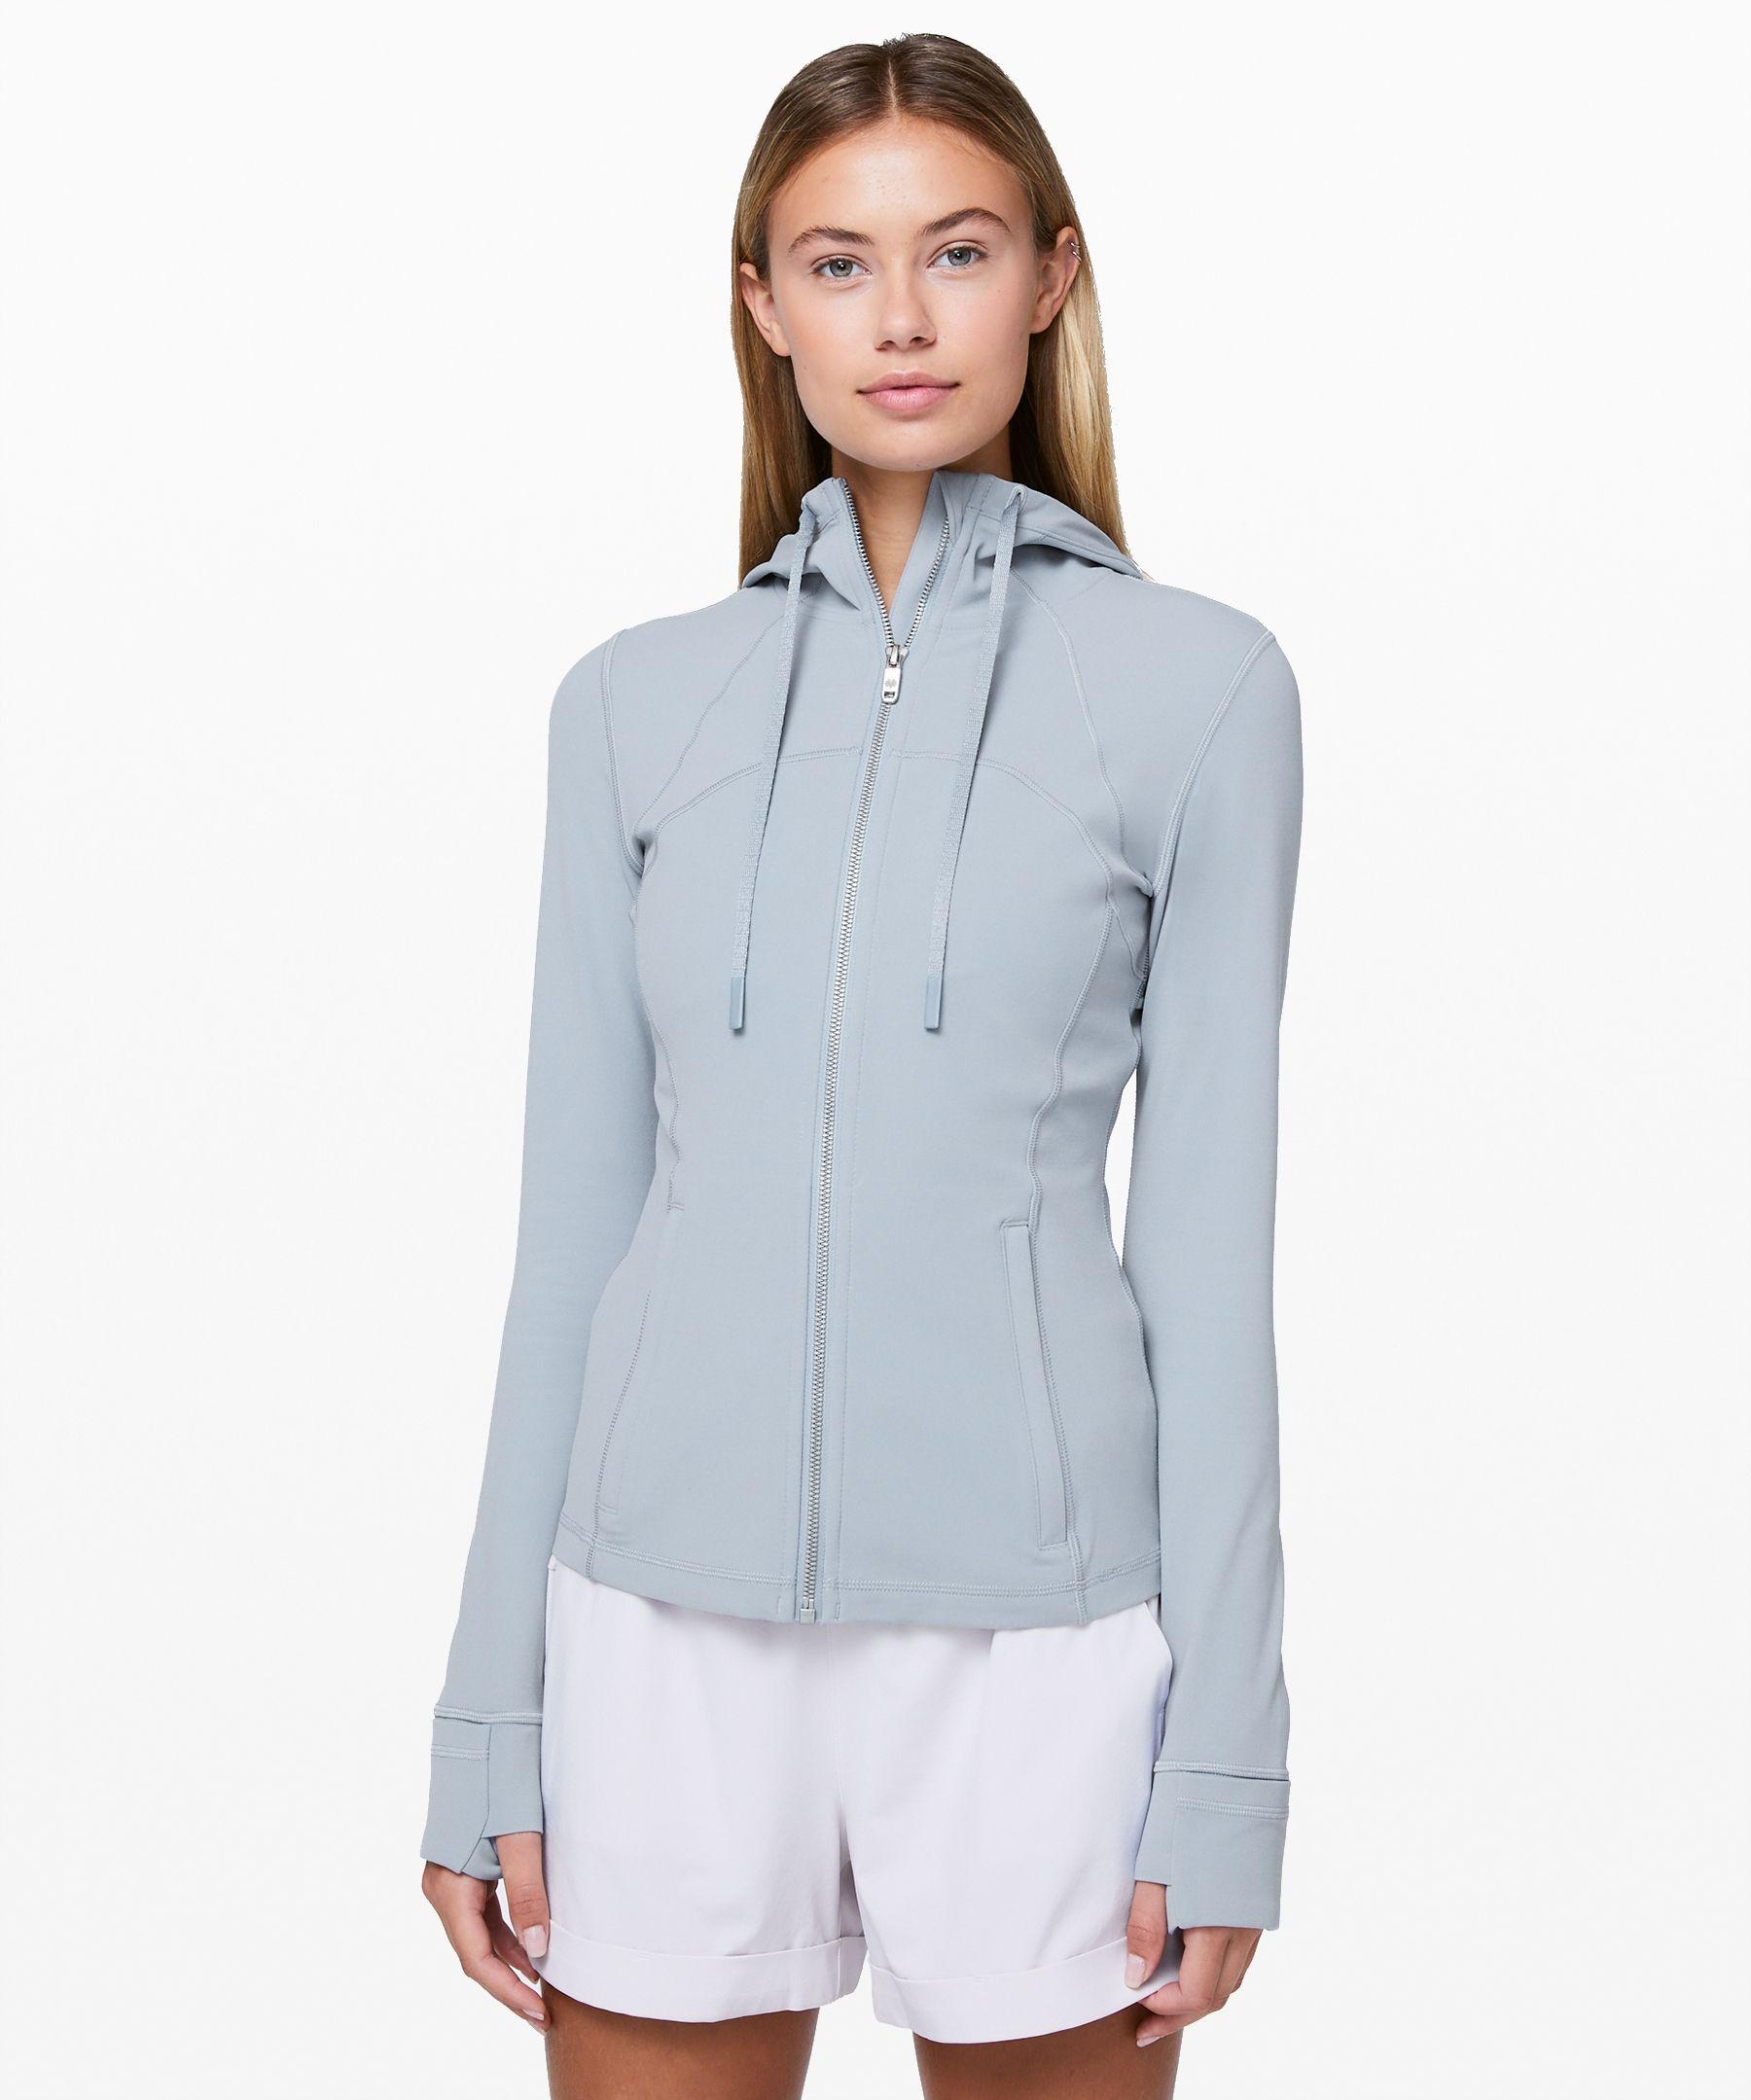 Hooded Define Jacket Nulu Women S Jackets Outerwear Lululemon In 2021 Jackets For Women Women Hoodies Sweatshirts Clothes [ 2159 x 1800 Pixel ]